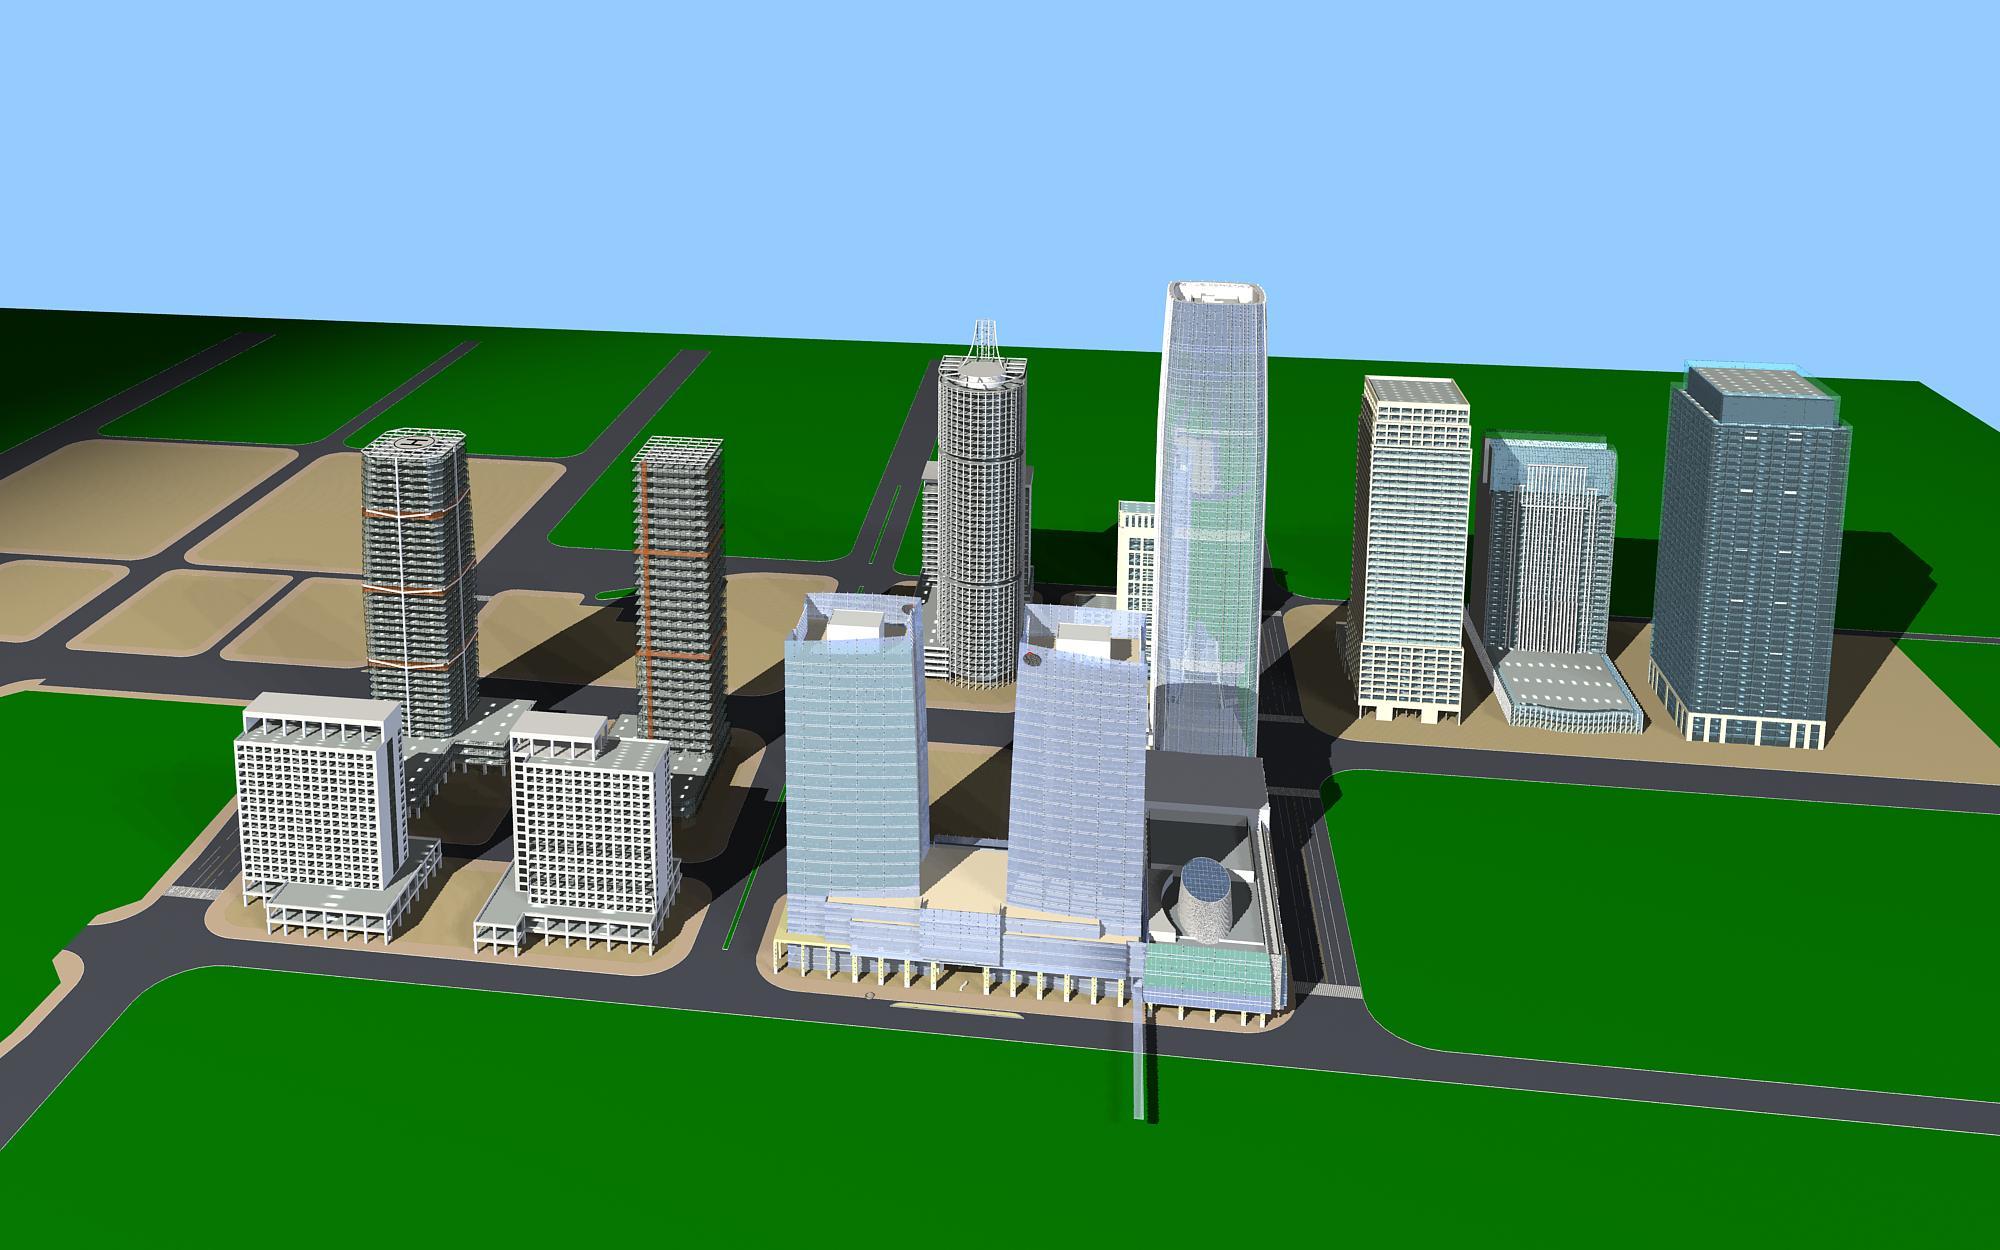 хот суурин газрын дизайн 099 3d загвар max psd 121488